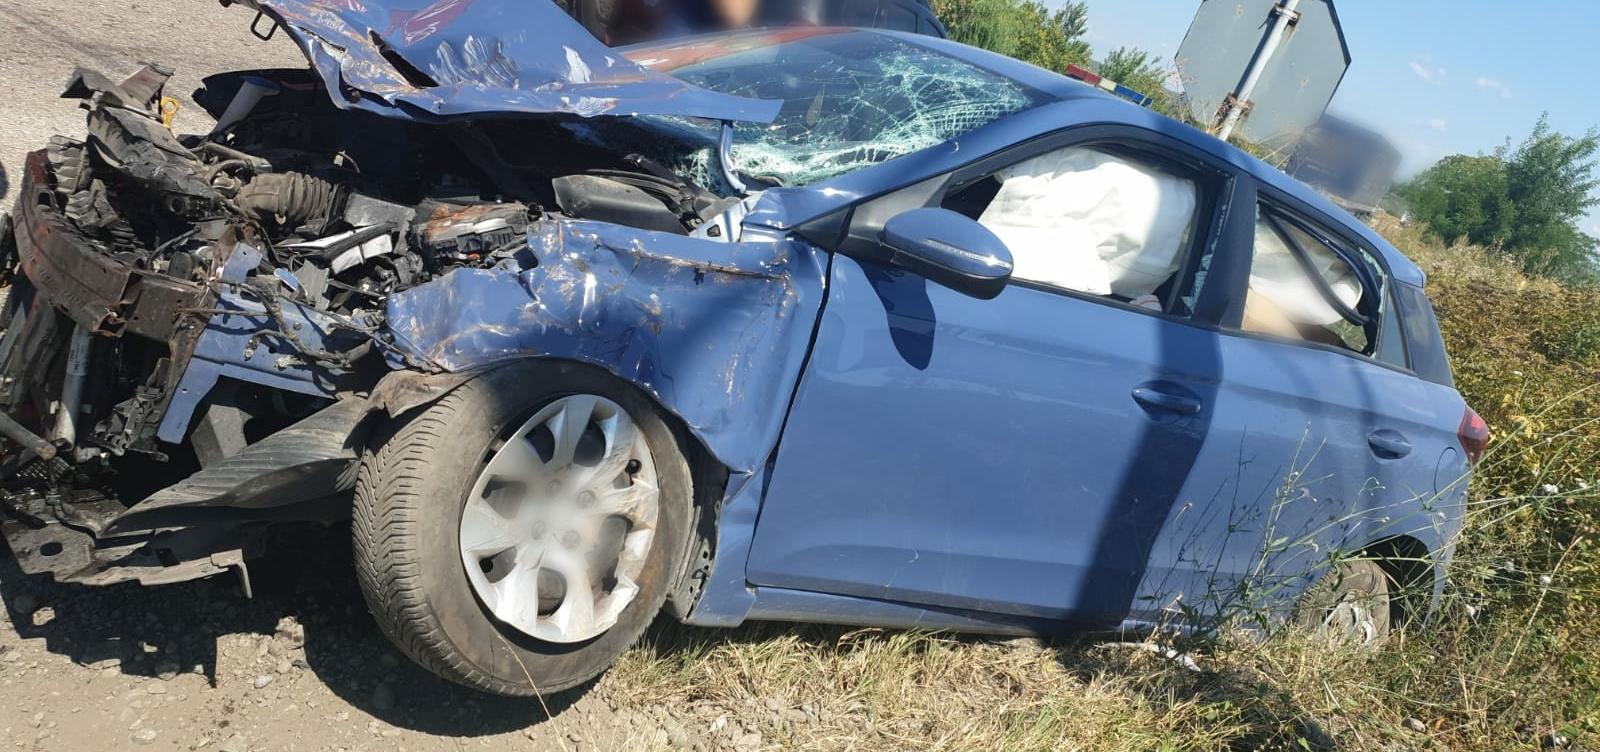 Accident la Brătești cu o victimă